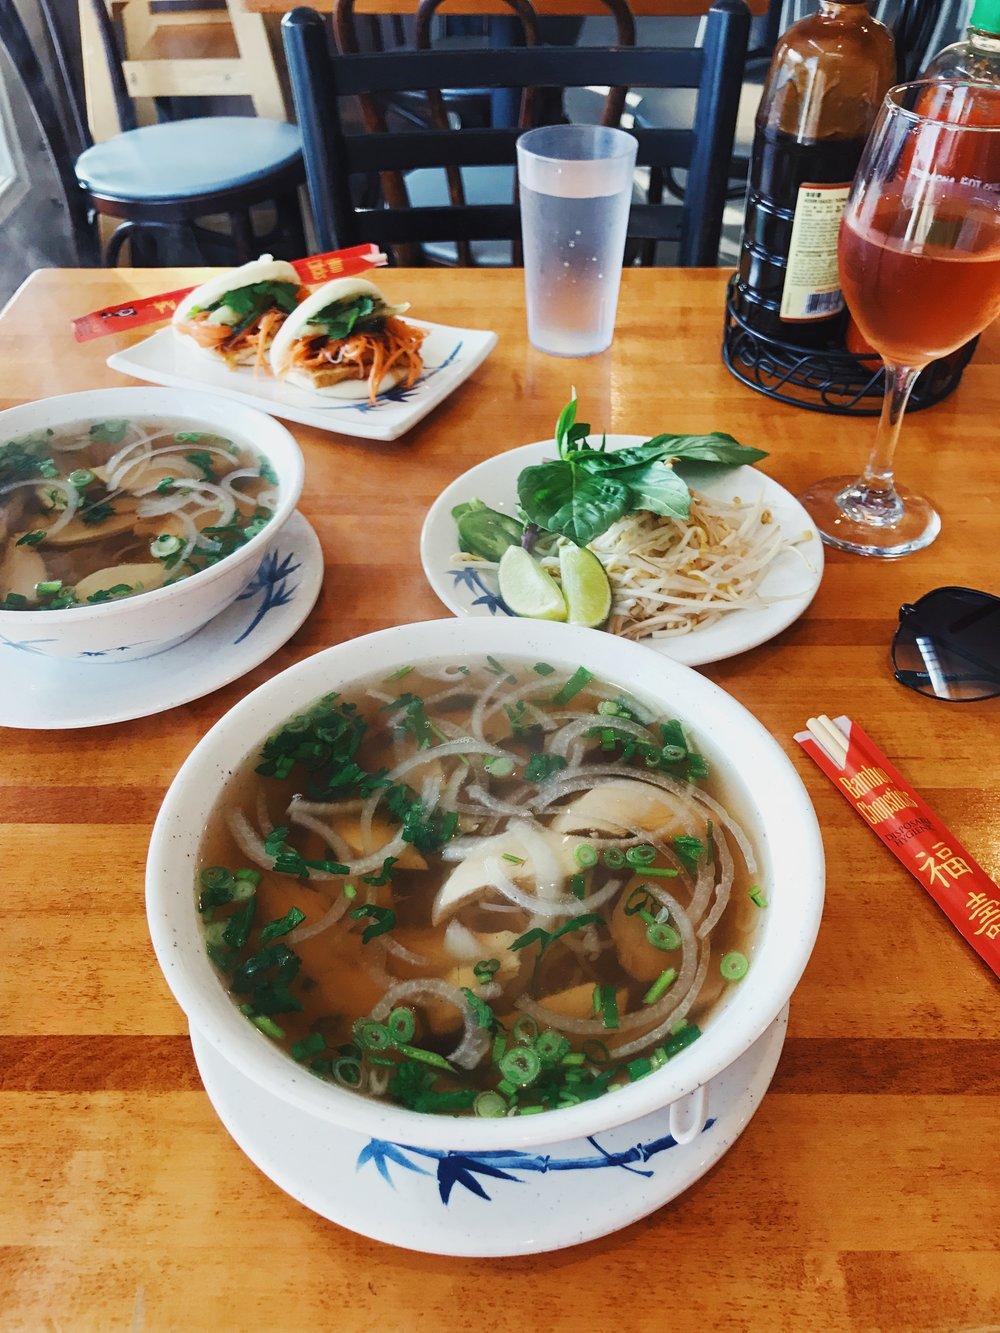 chicken-pho-les-baugette-new-orleans-food-travel-blog.jpg